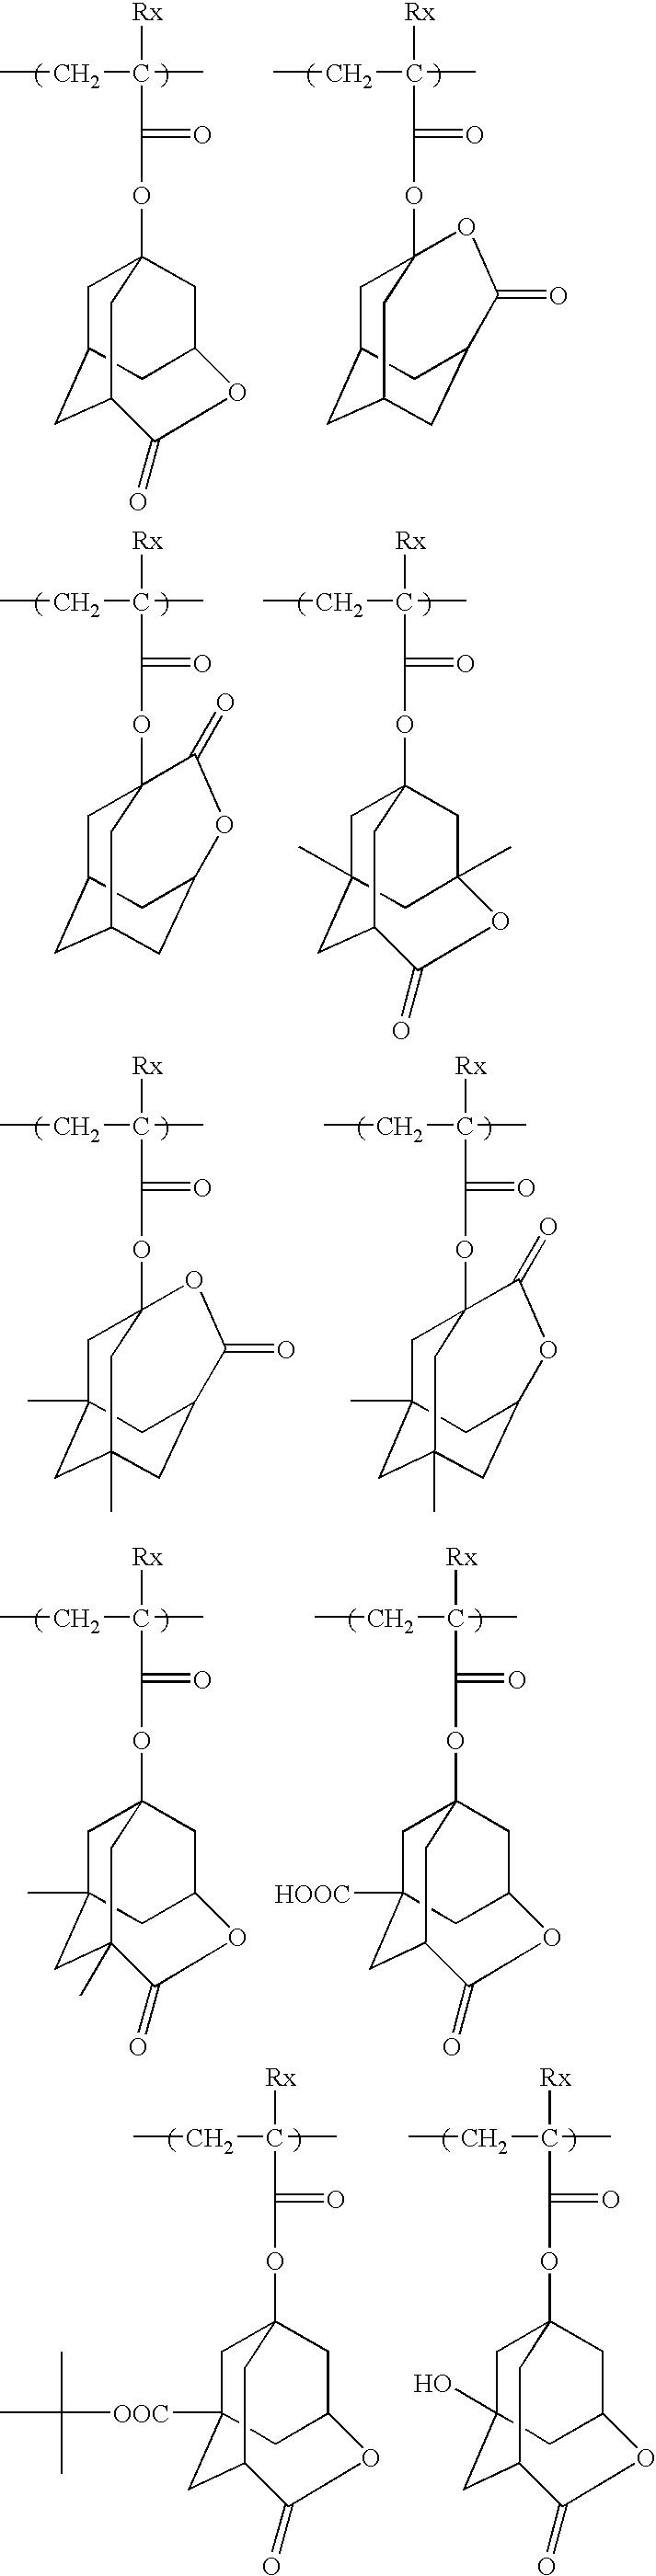 Figure US07985534-20110726-C00032